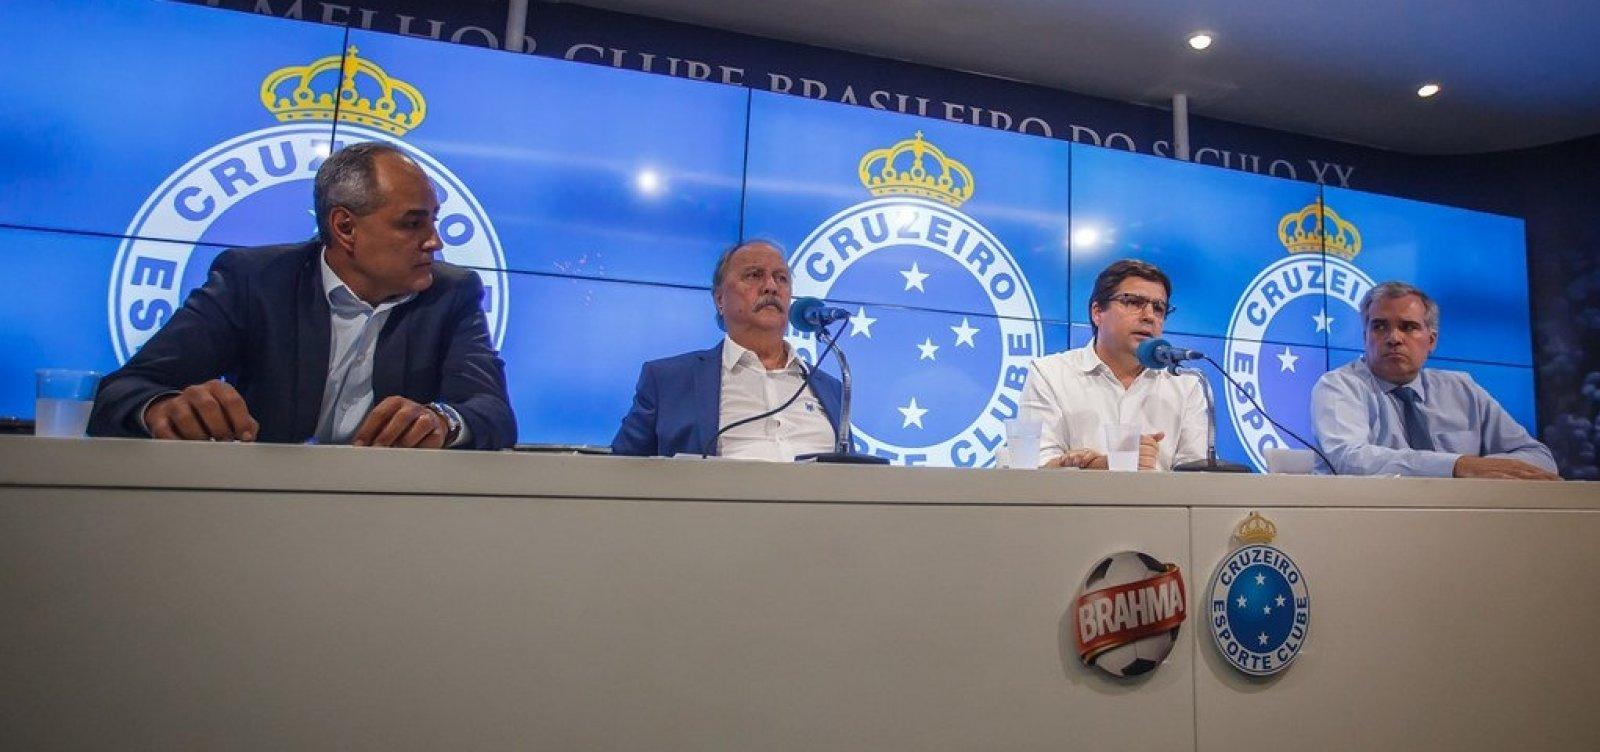 [Polícia cumpre mandados de busca e apreensão na sede do Cruzeiro]